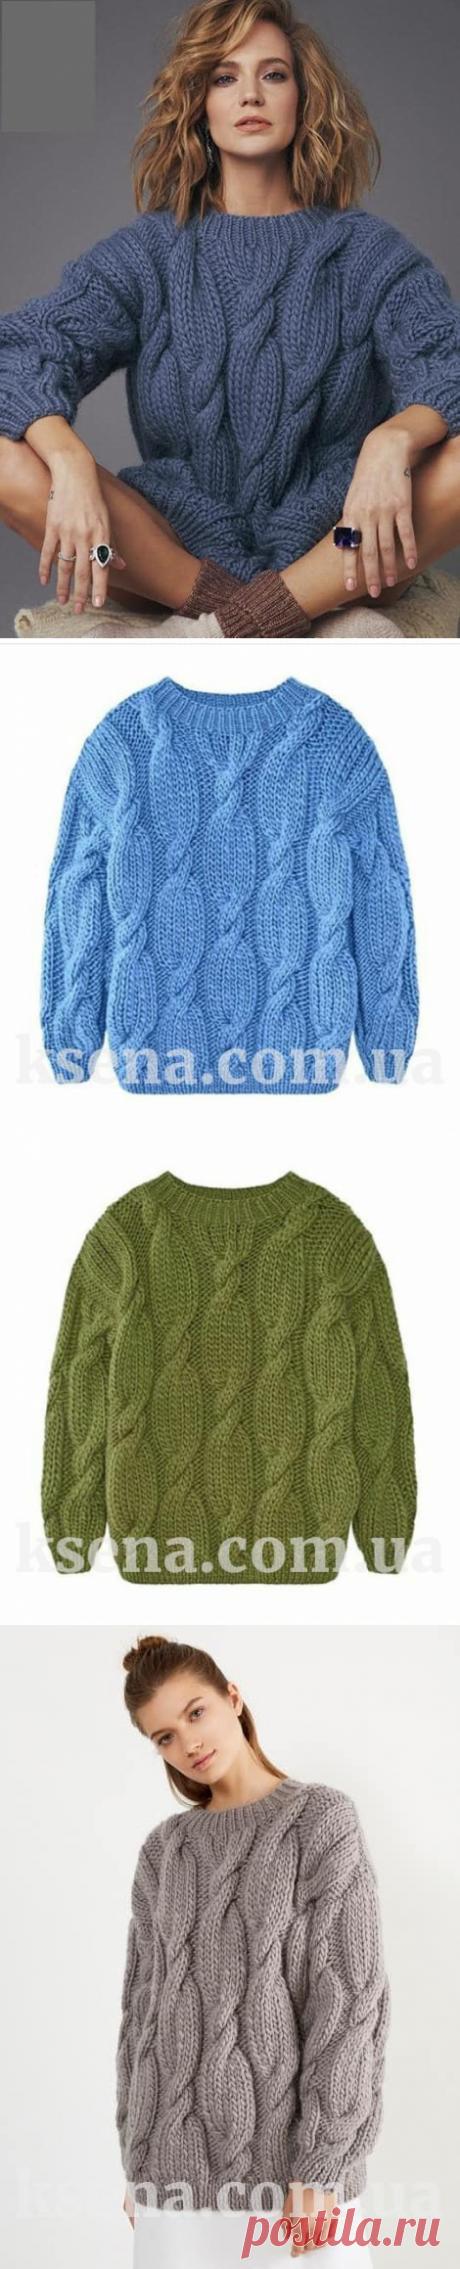 вязаный свитер глюкоза купить - женский вязаный свитер - Ksena